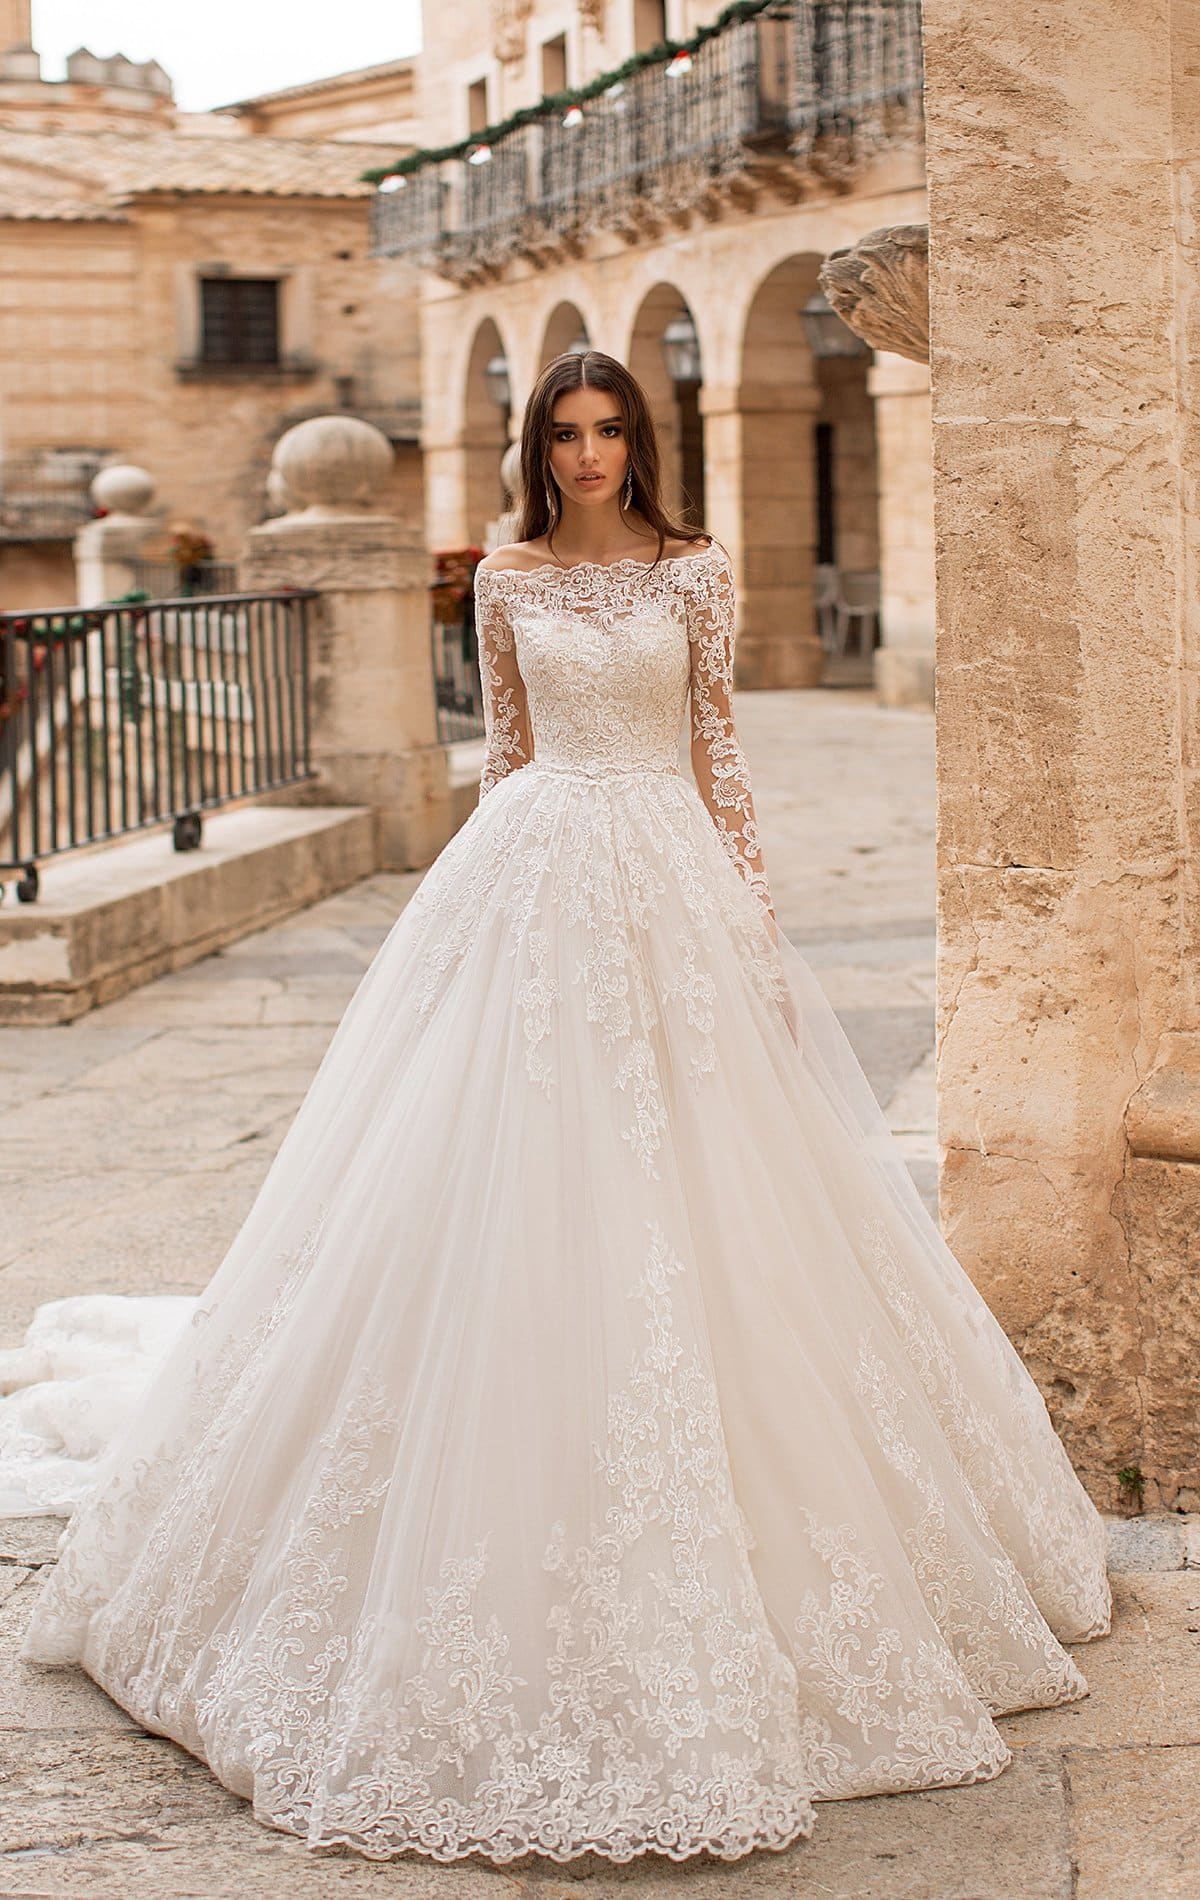 527e5fce6ffa Свадебное платье Naviblue Bridal Jayse 17342 ▷ Свадебный Торговый Центр Вега  в Москве